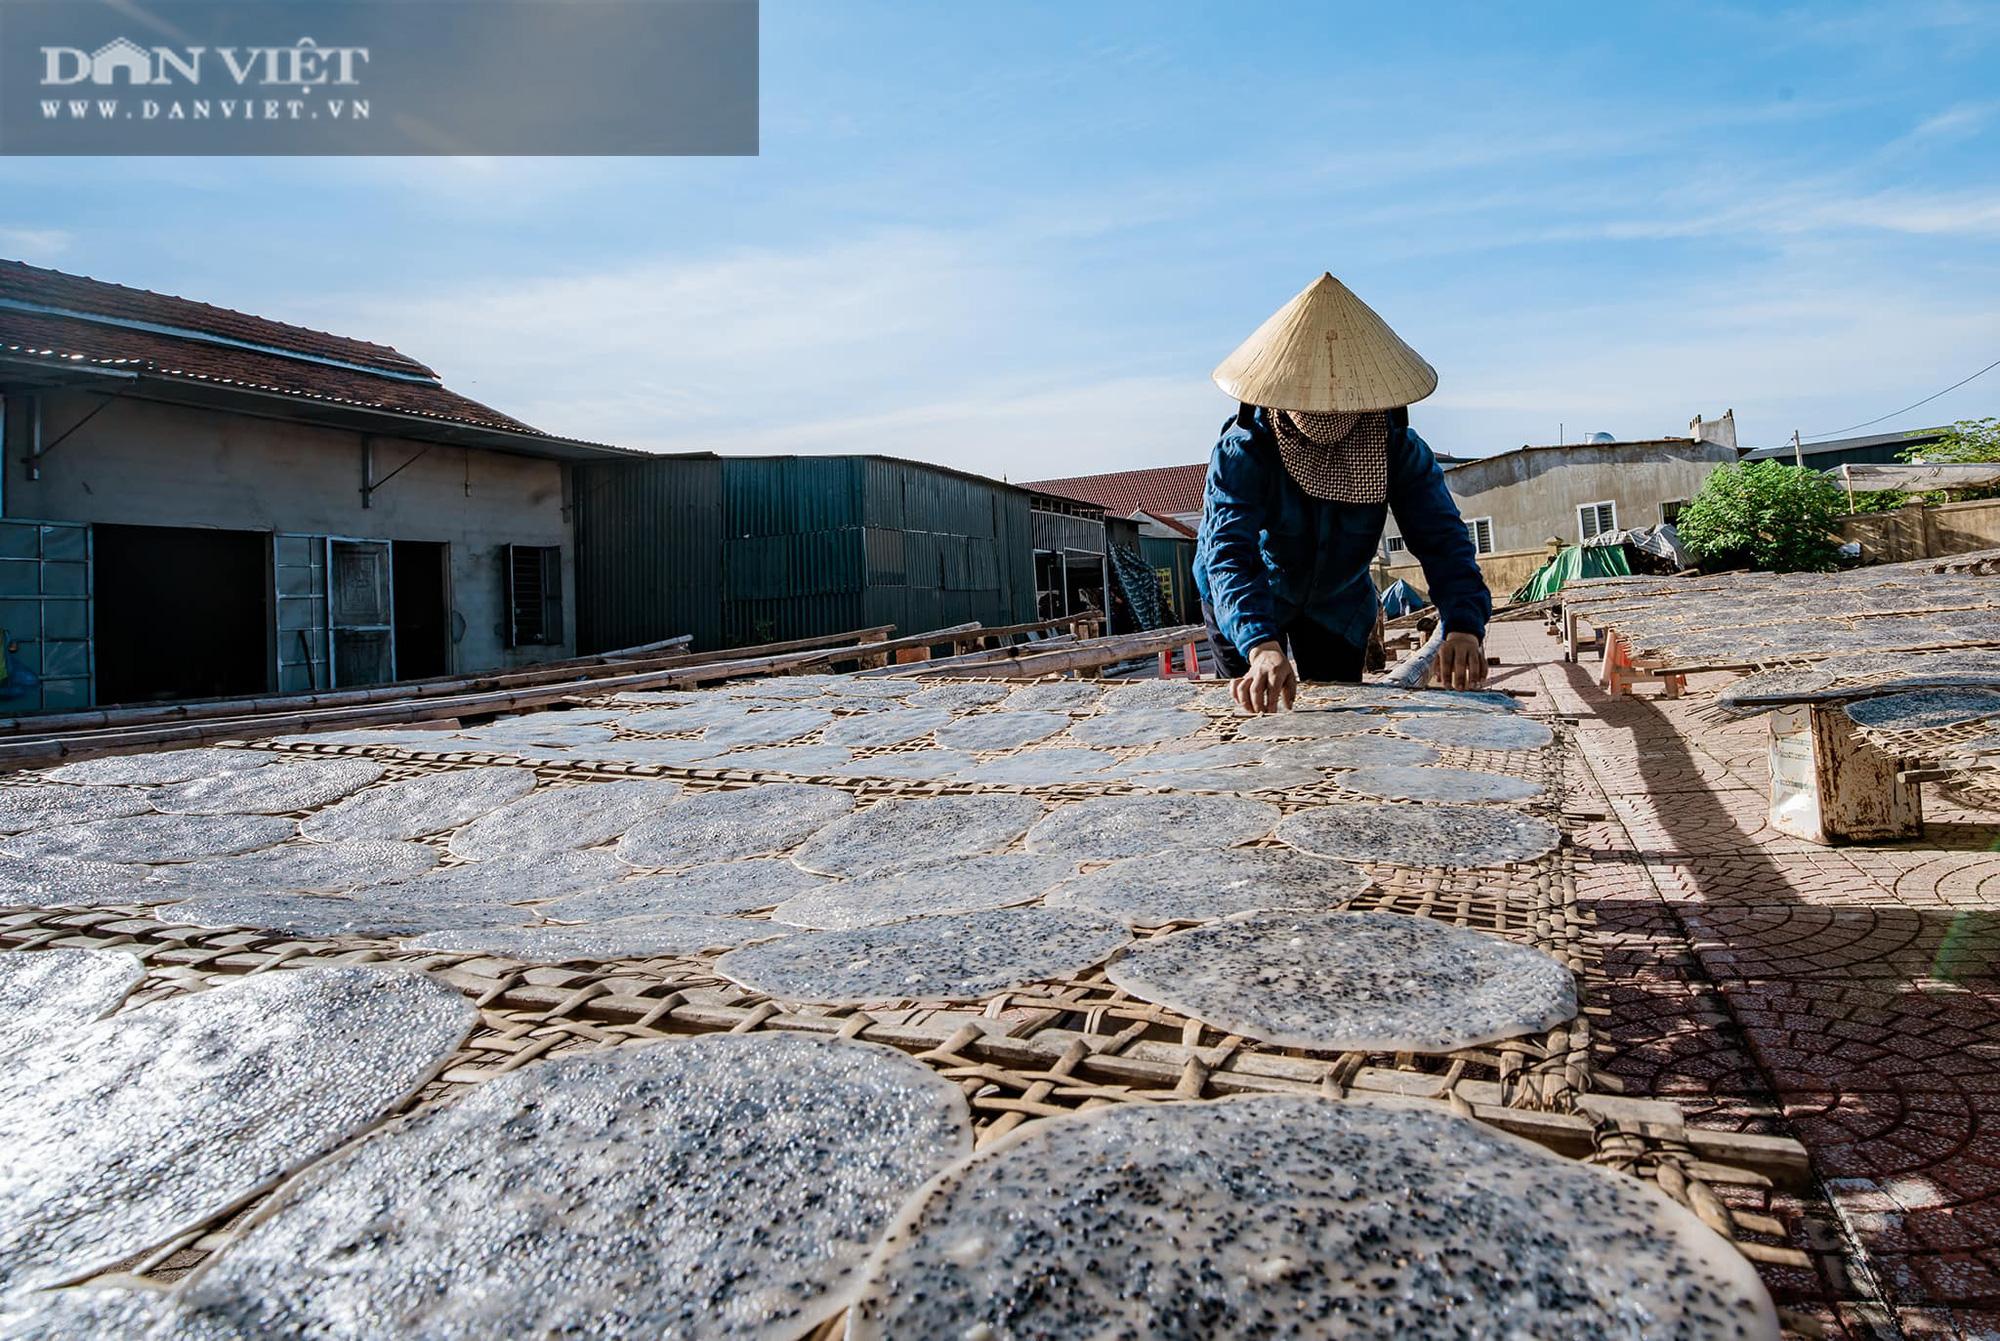 Dân làng Vĩnh Đức dùng tay không làm ra thứ bánh giòn, thơm ngon, có nhà kiếm cả triệu mỗi ngày - Ảnh 2.